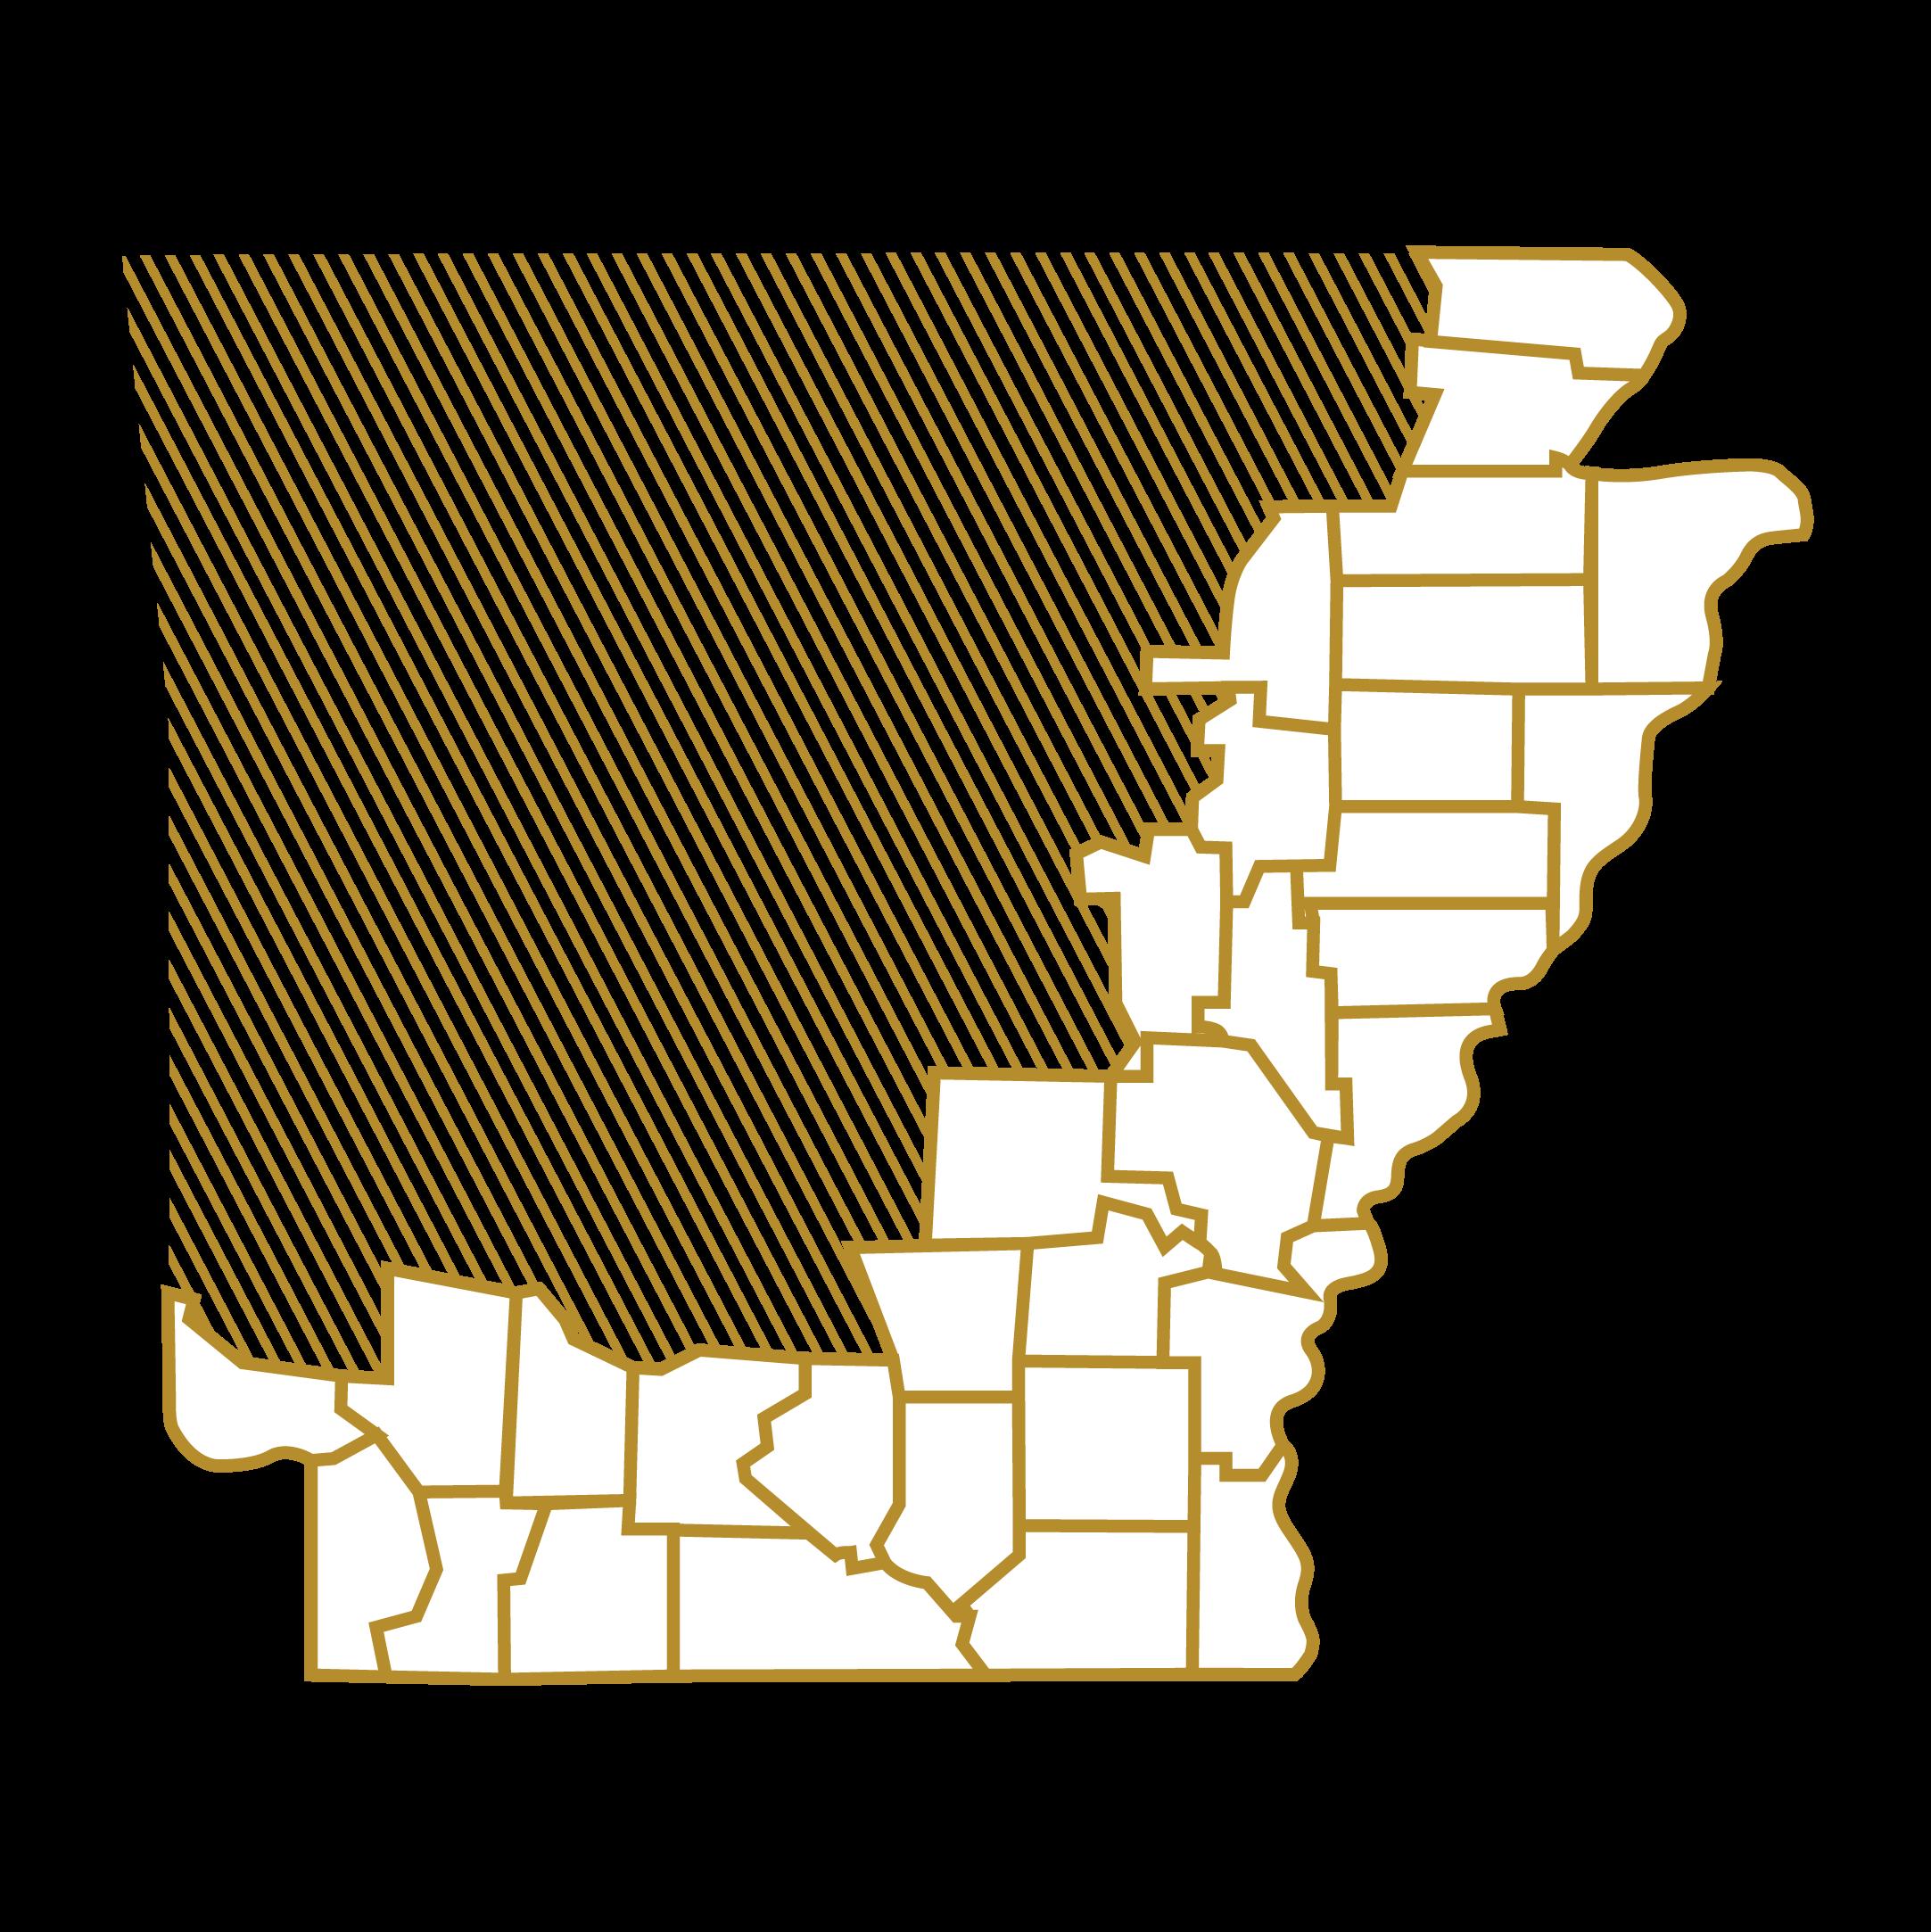 Arkansas County Maps